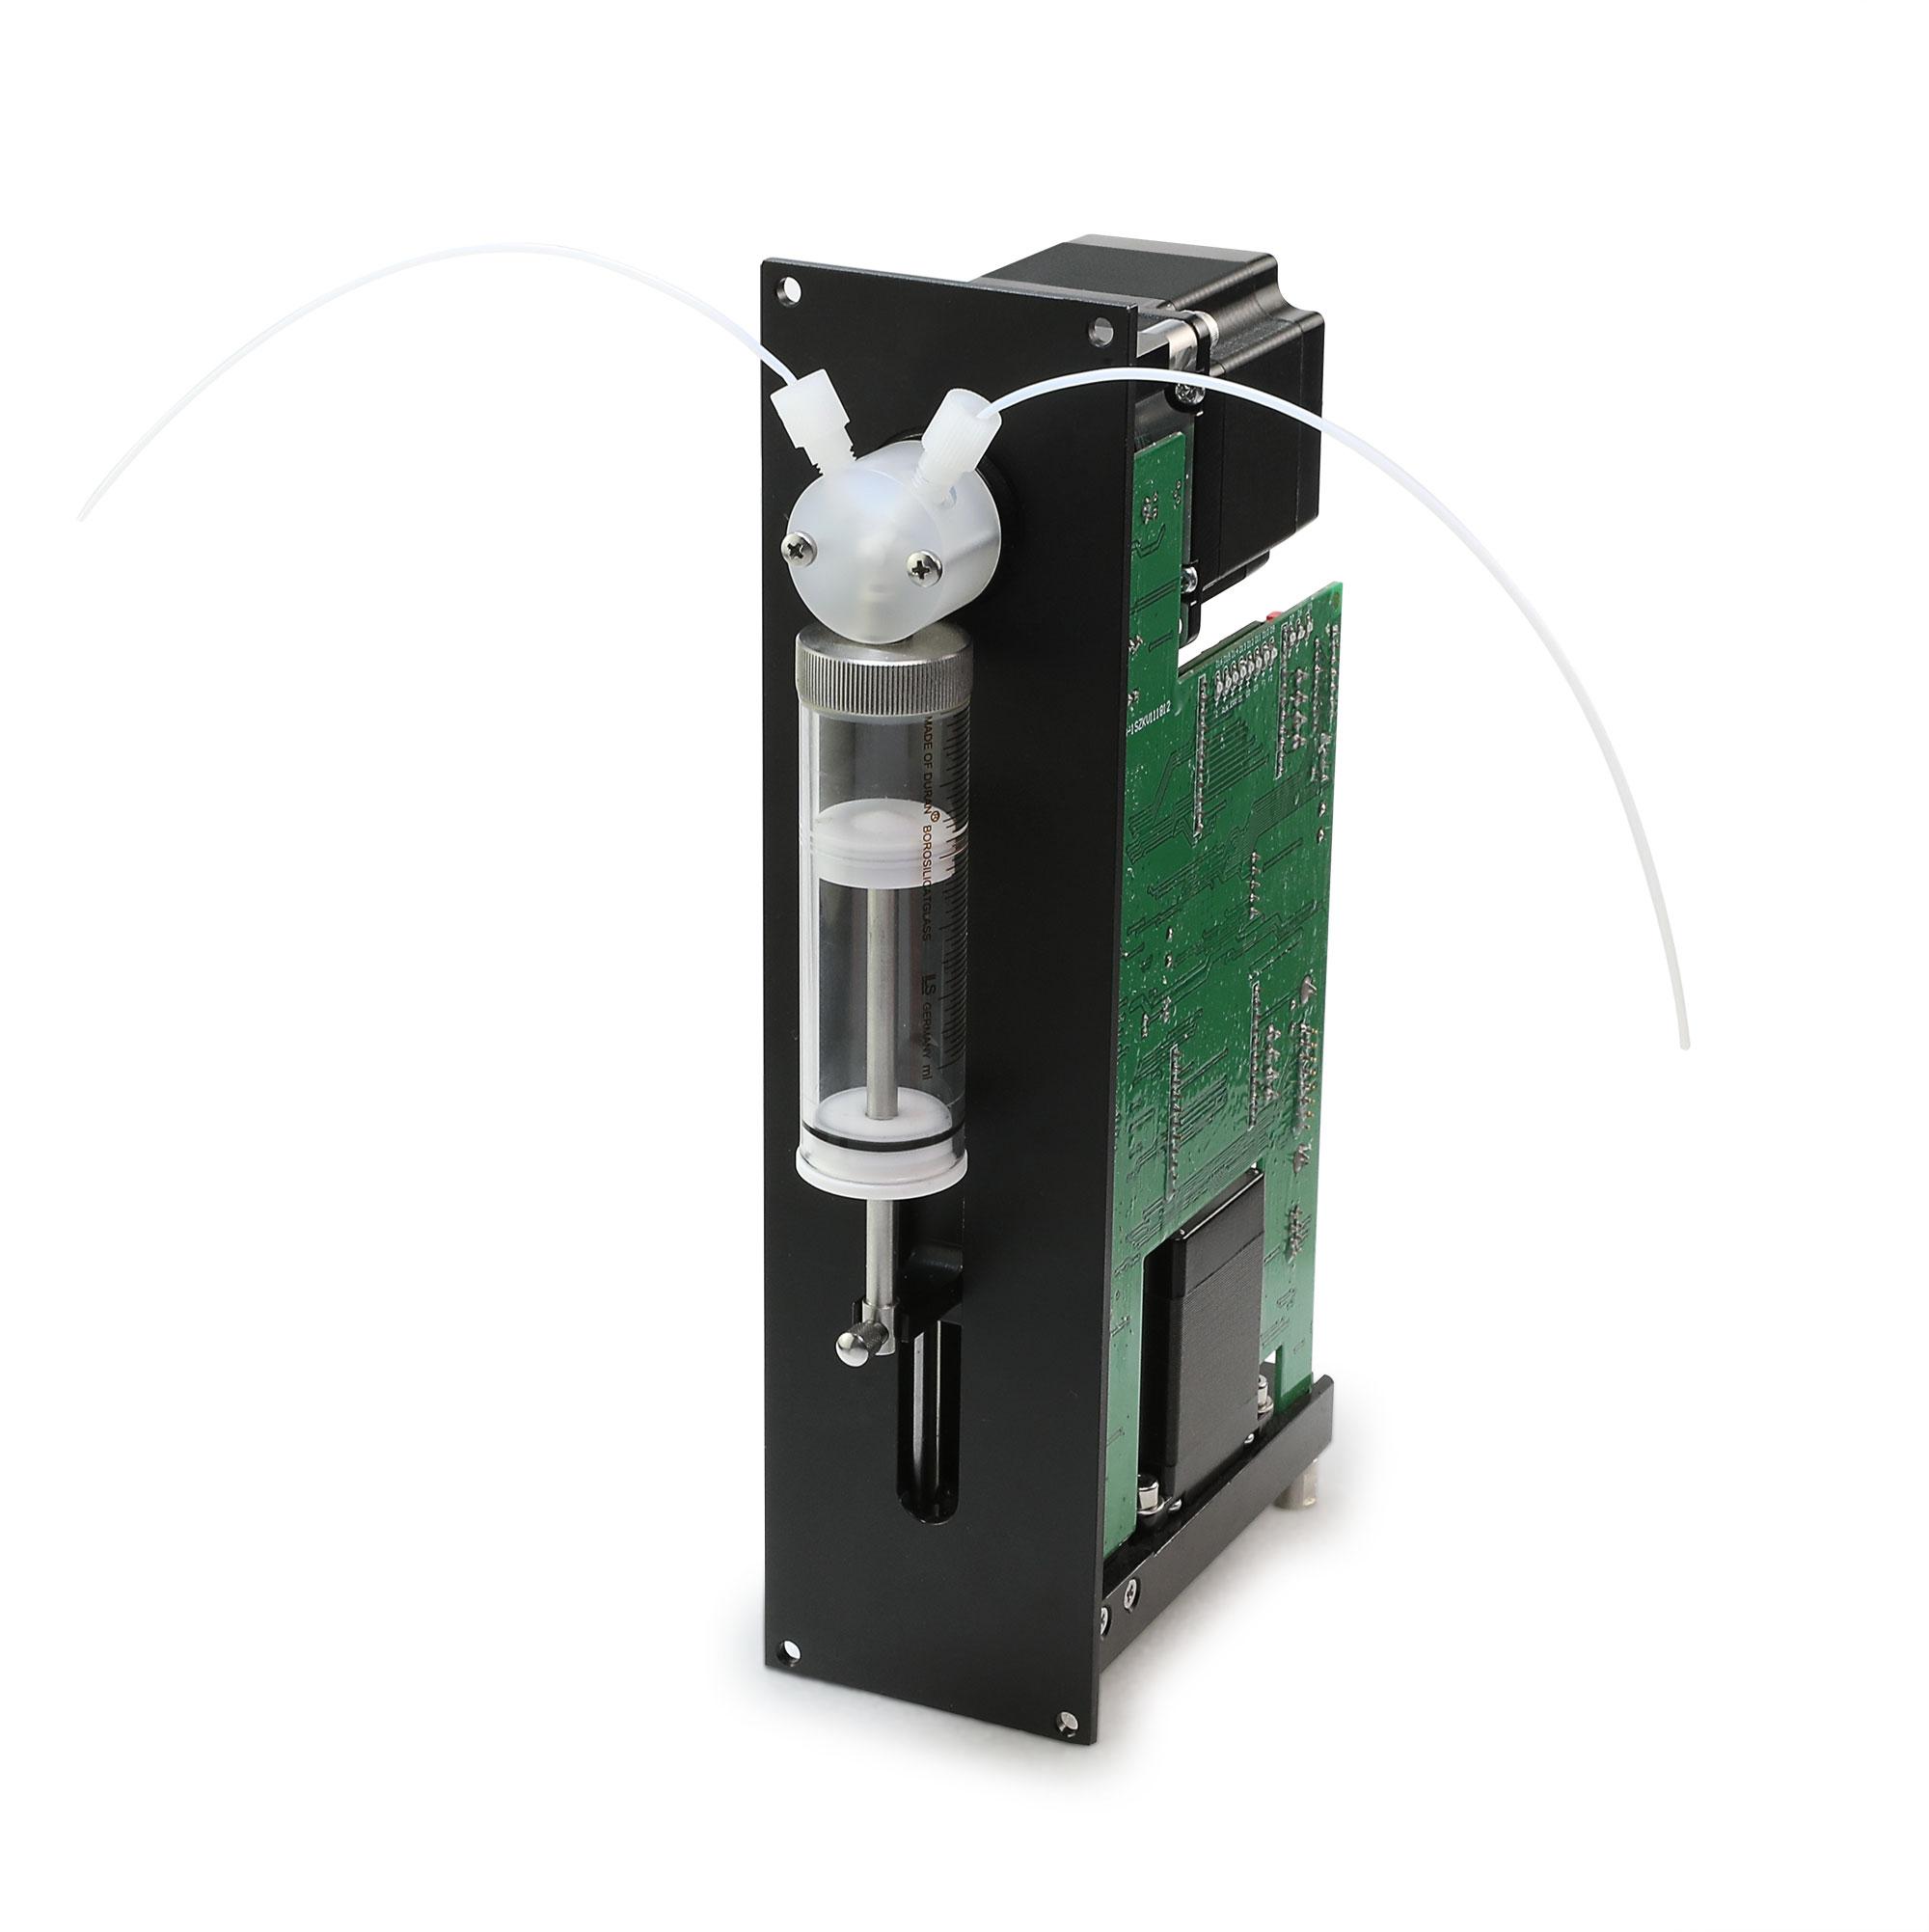 微量注射泵用于核酸检测